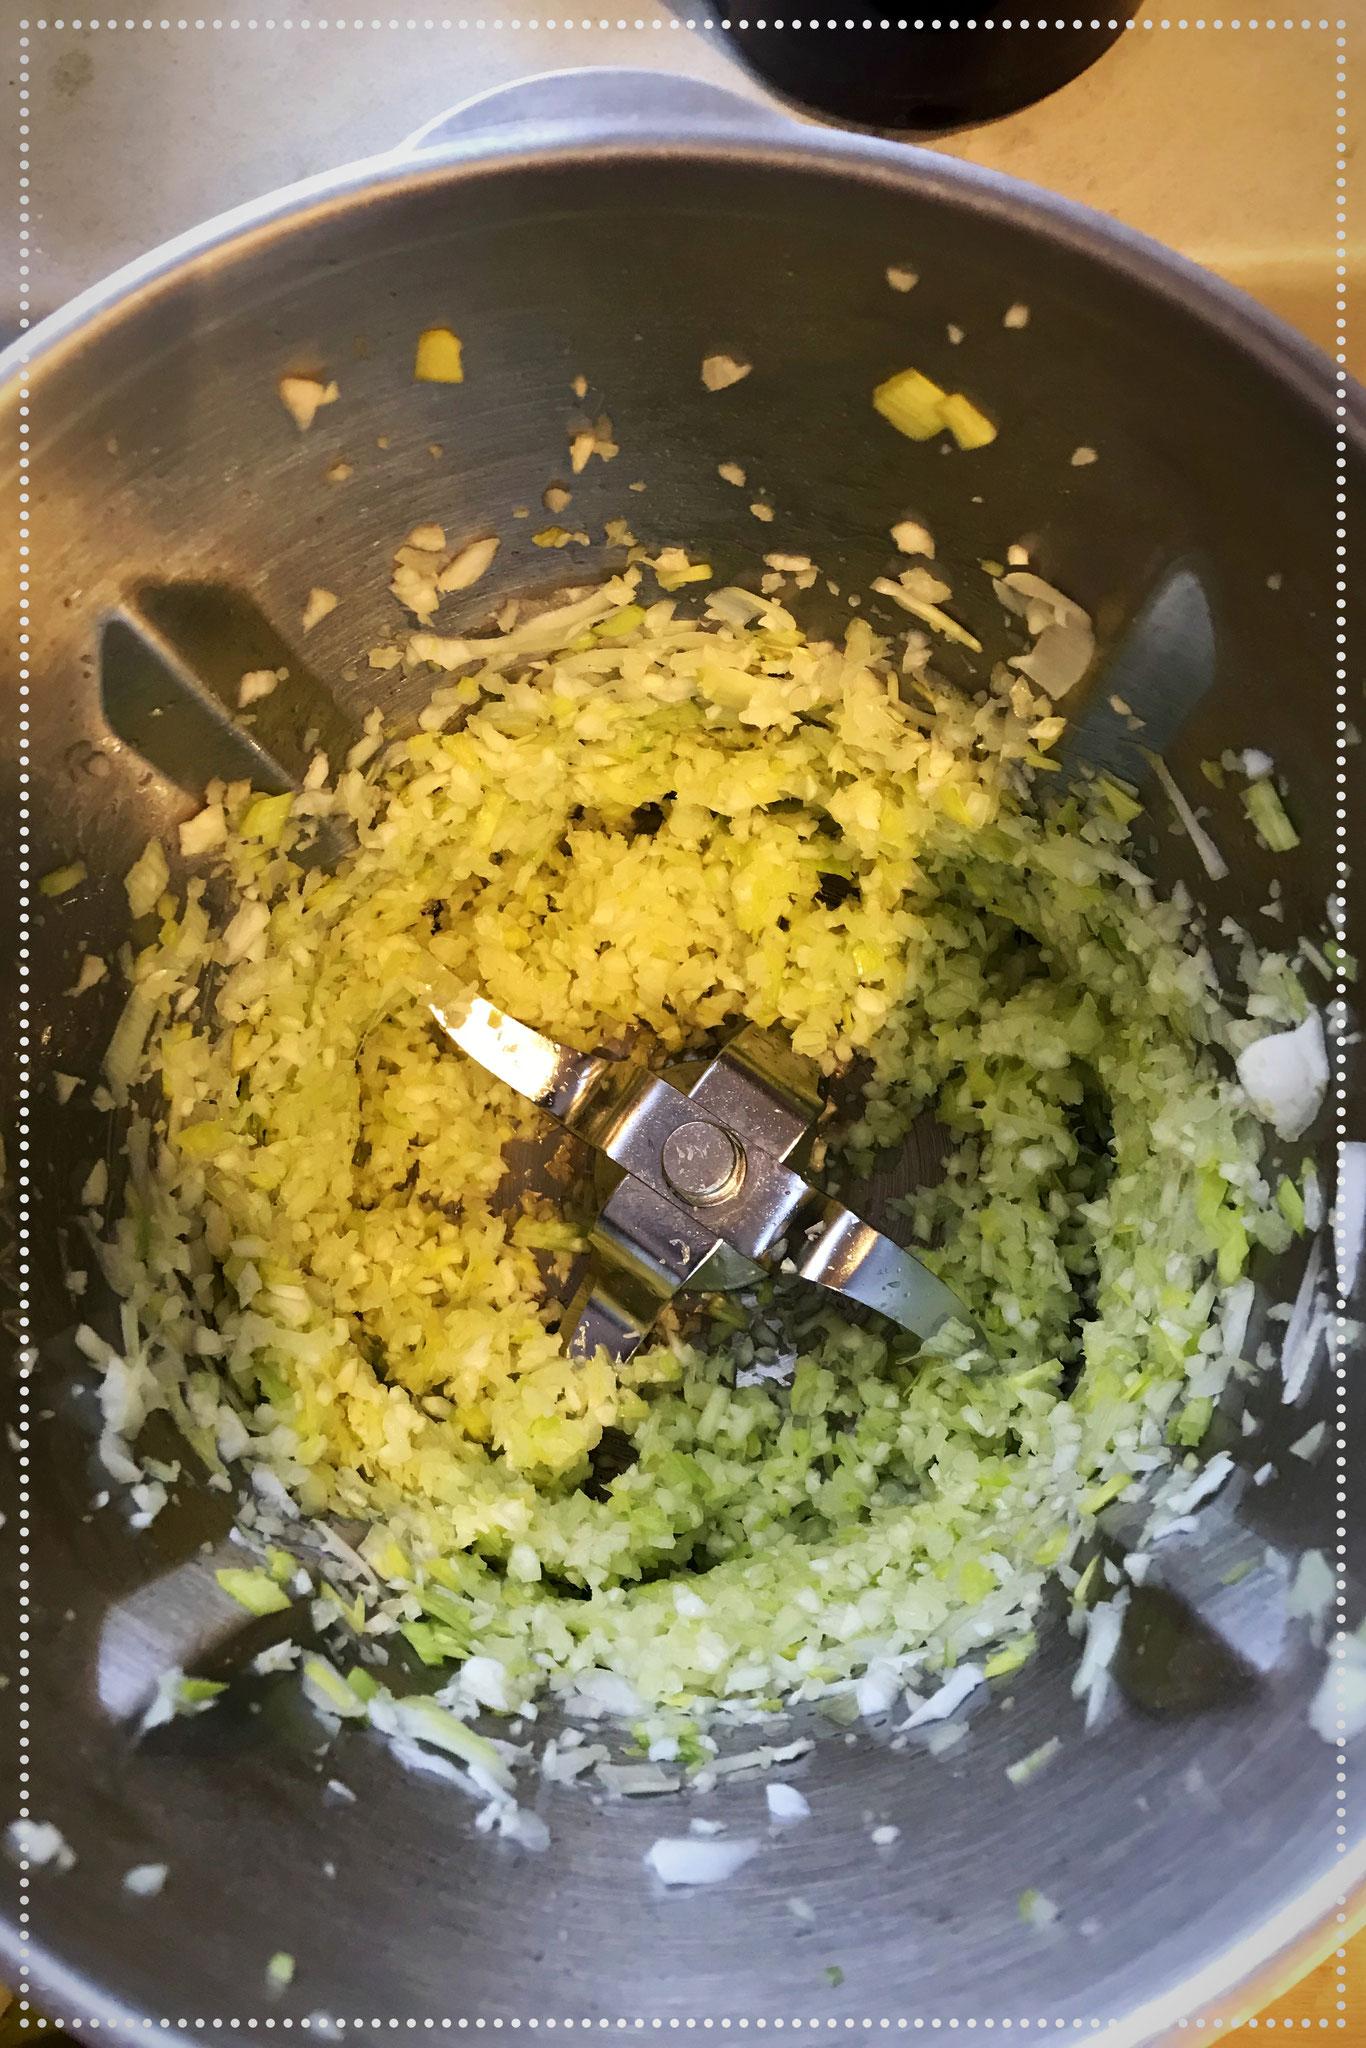 Mit der Küchenmaschine zerkleinern